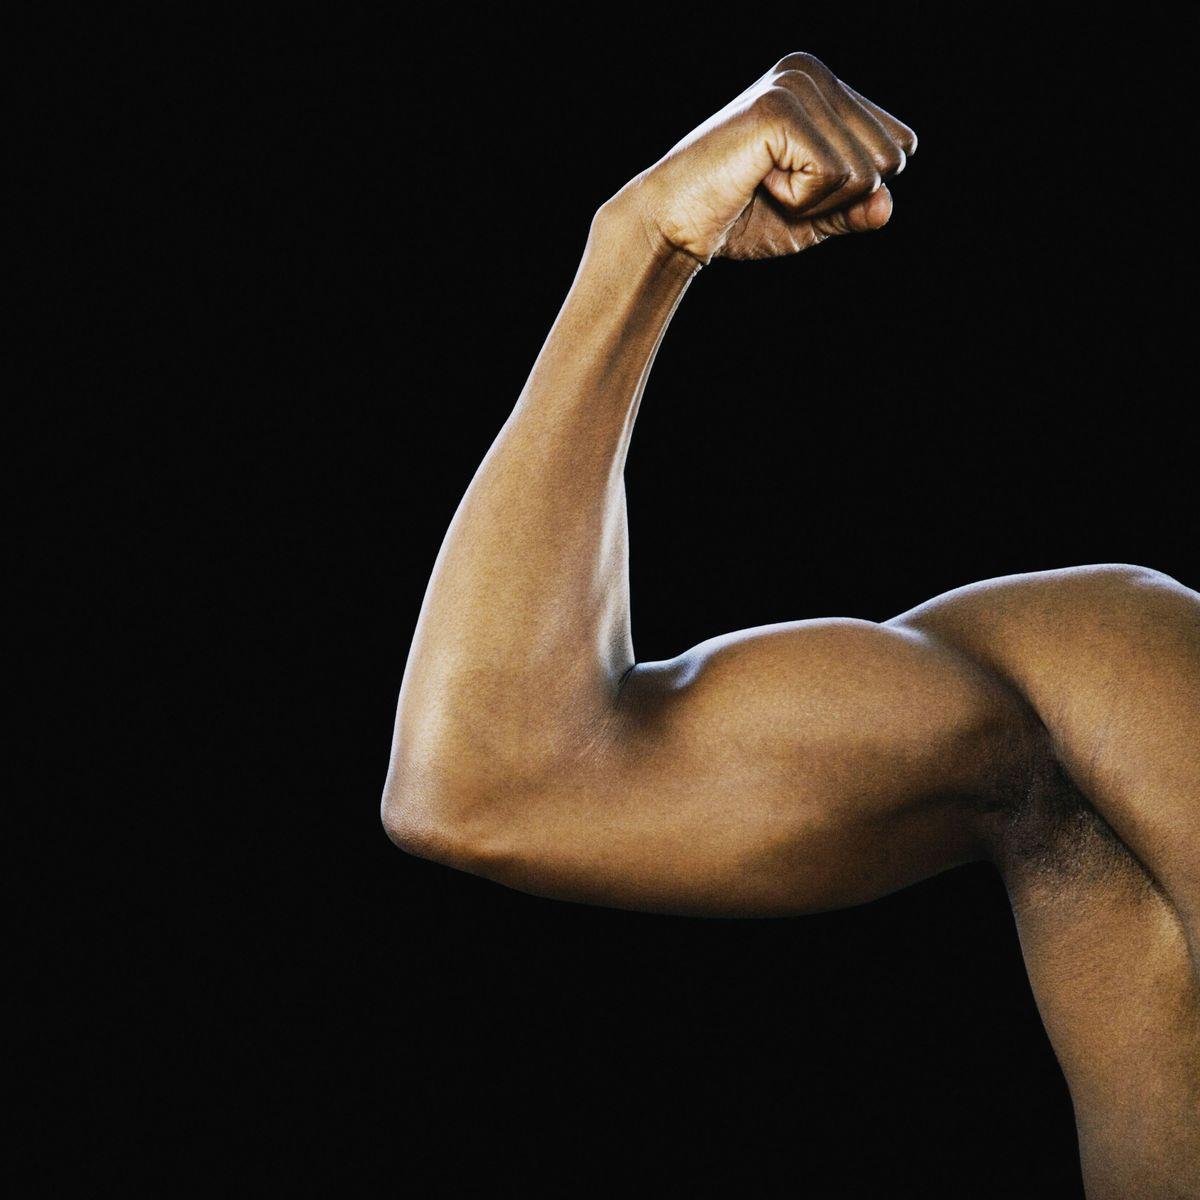 Die besten Diäten, um Muskelmasse zu gewinnen